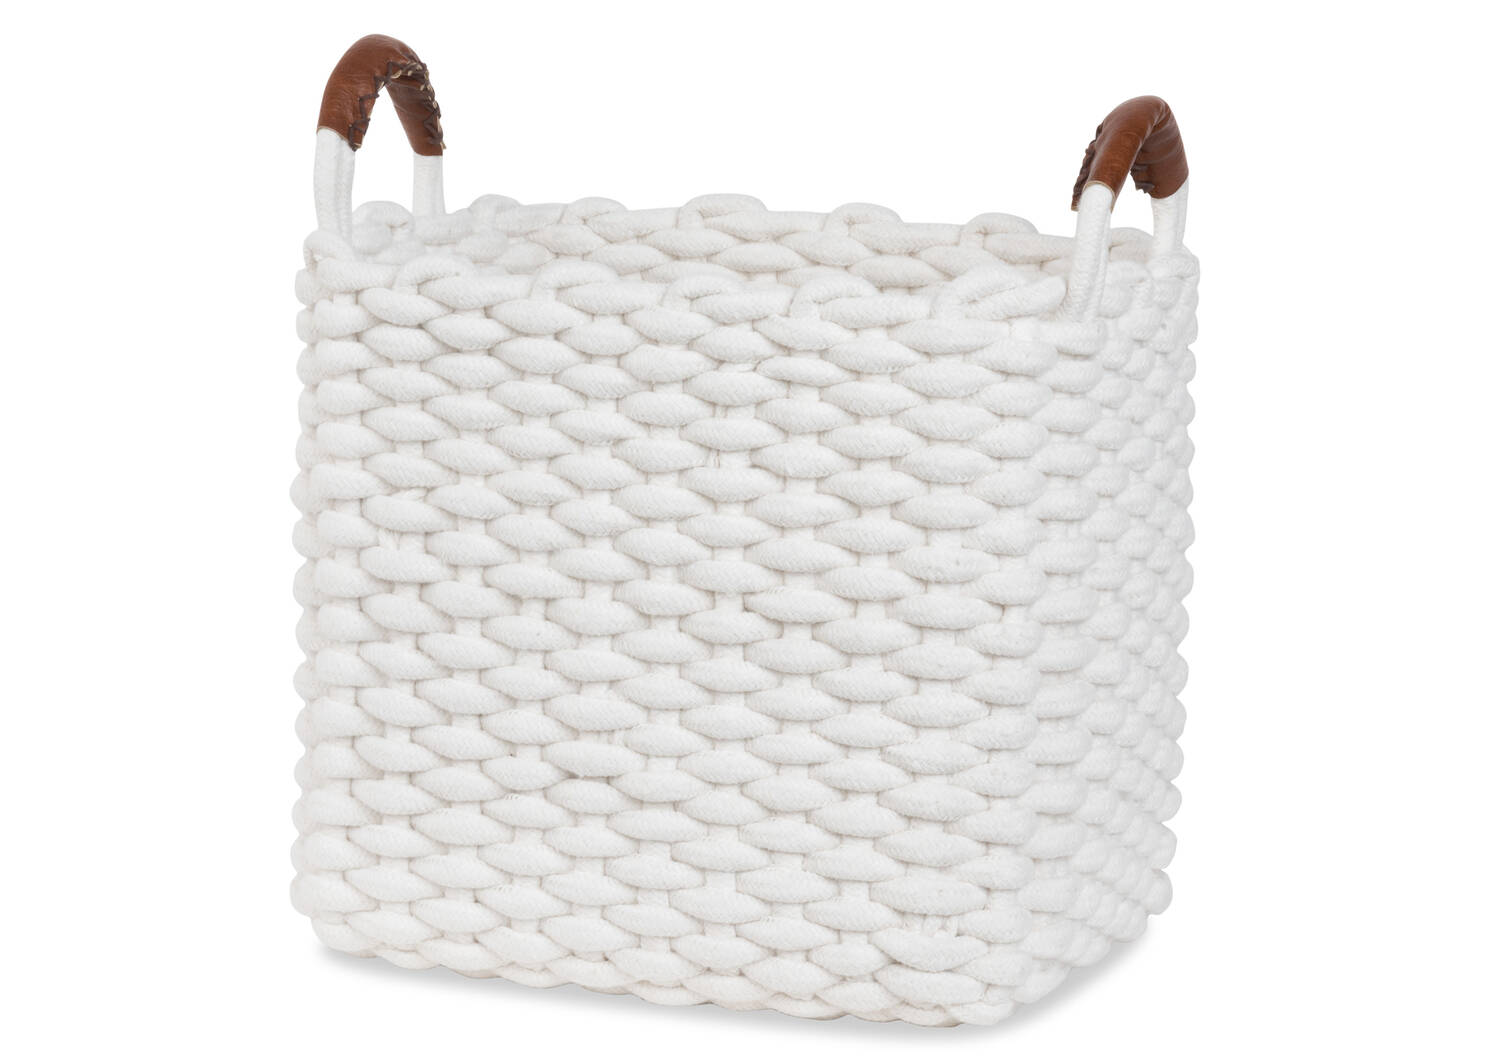 Corde Basket Small Natural